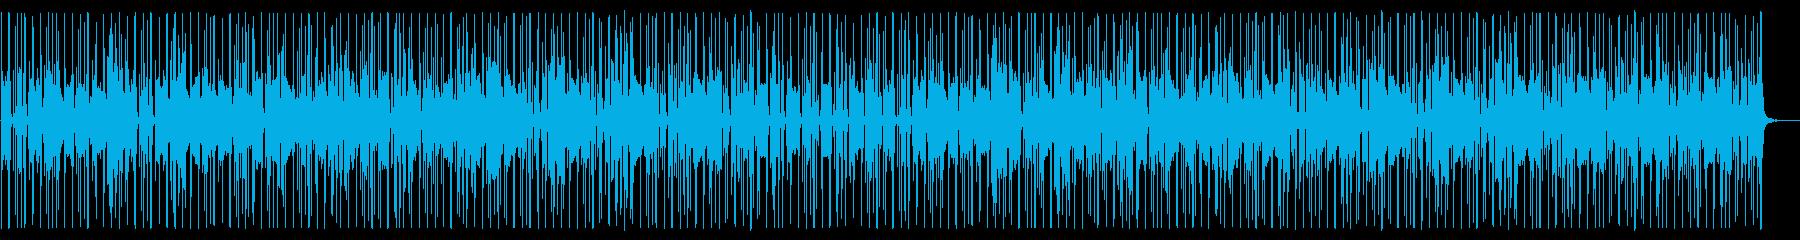 都会/R&B/生演奏_No452_3の再生済みの波形